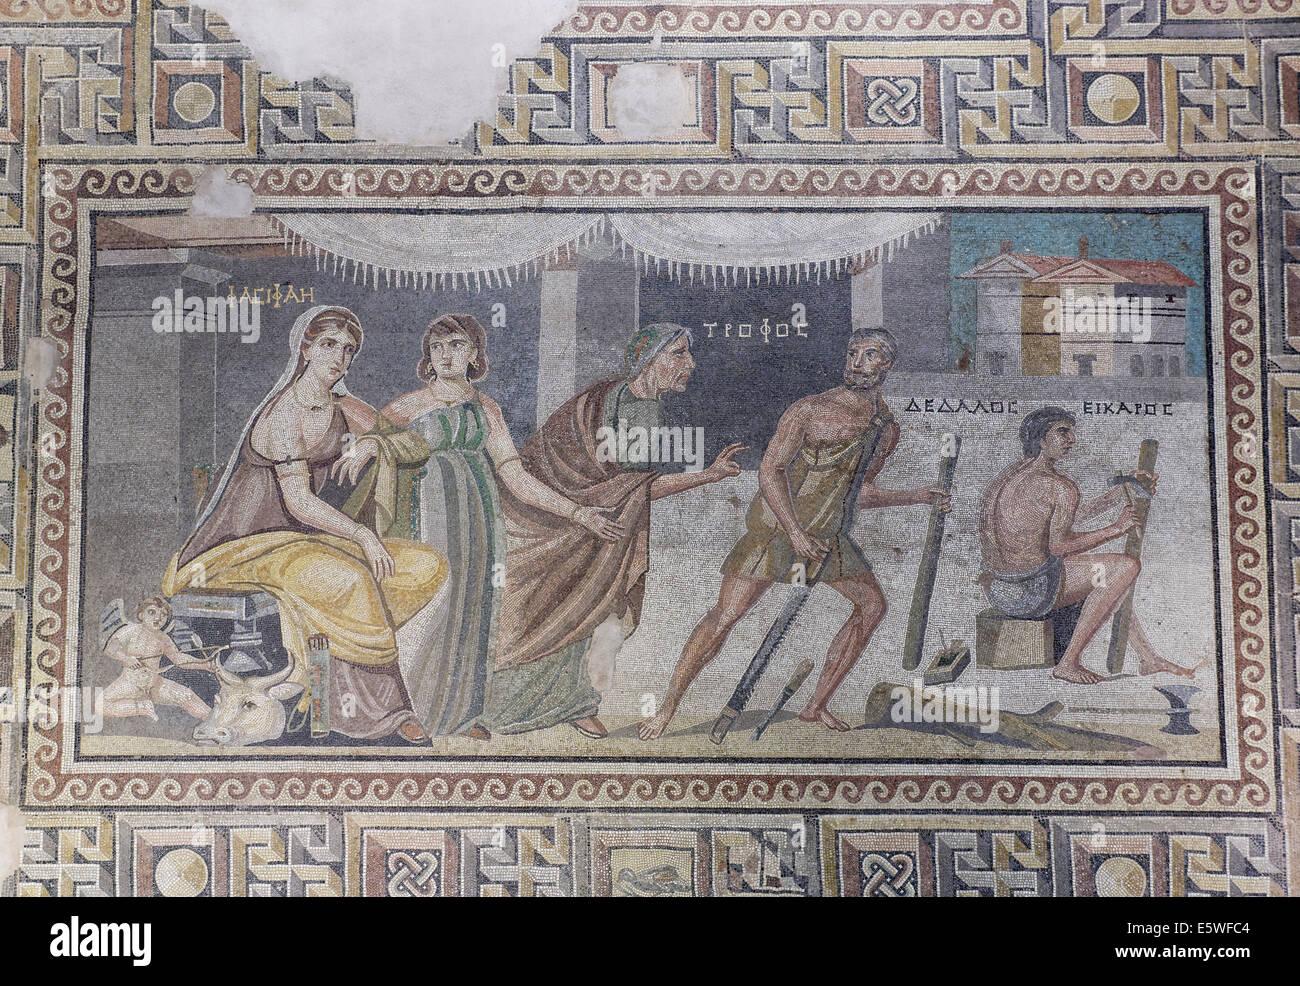 Mosaic, Pasiphaë and Daedalus, floor mosaic from Zeugma, Zeugma Mosaic Museum, Gaziantep, Southeastern Anatolia - Stock Image